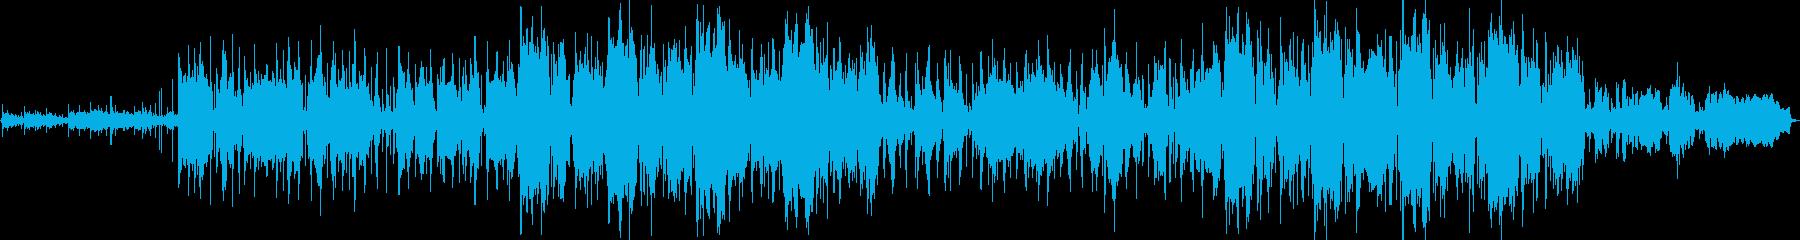 冷静になる。クラシックナイトリース...の再生済みの波形